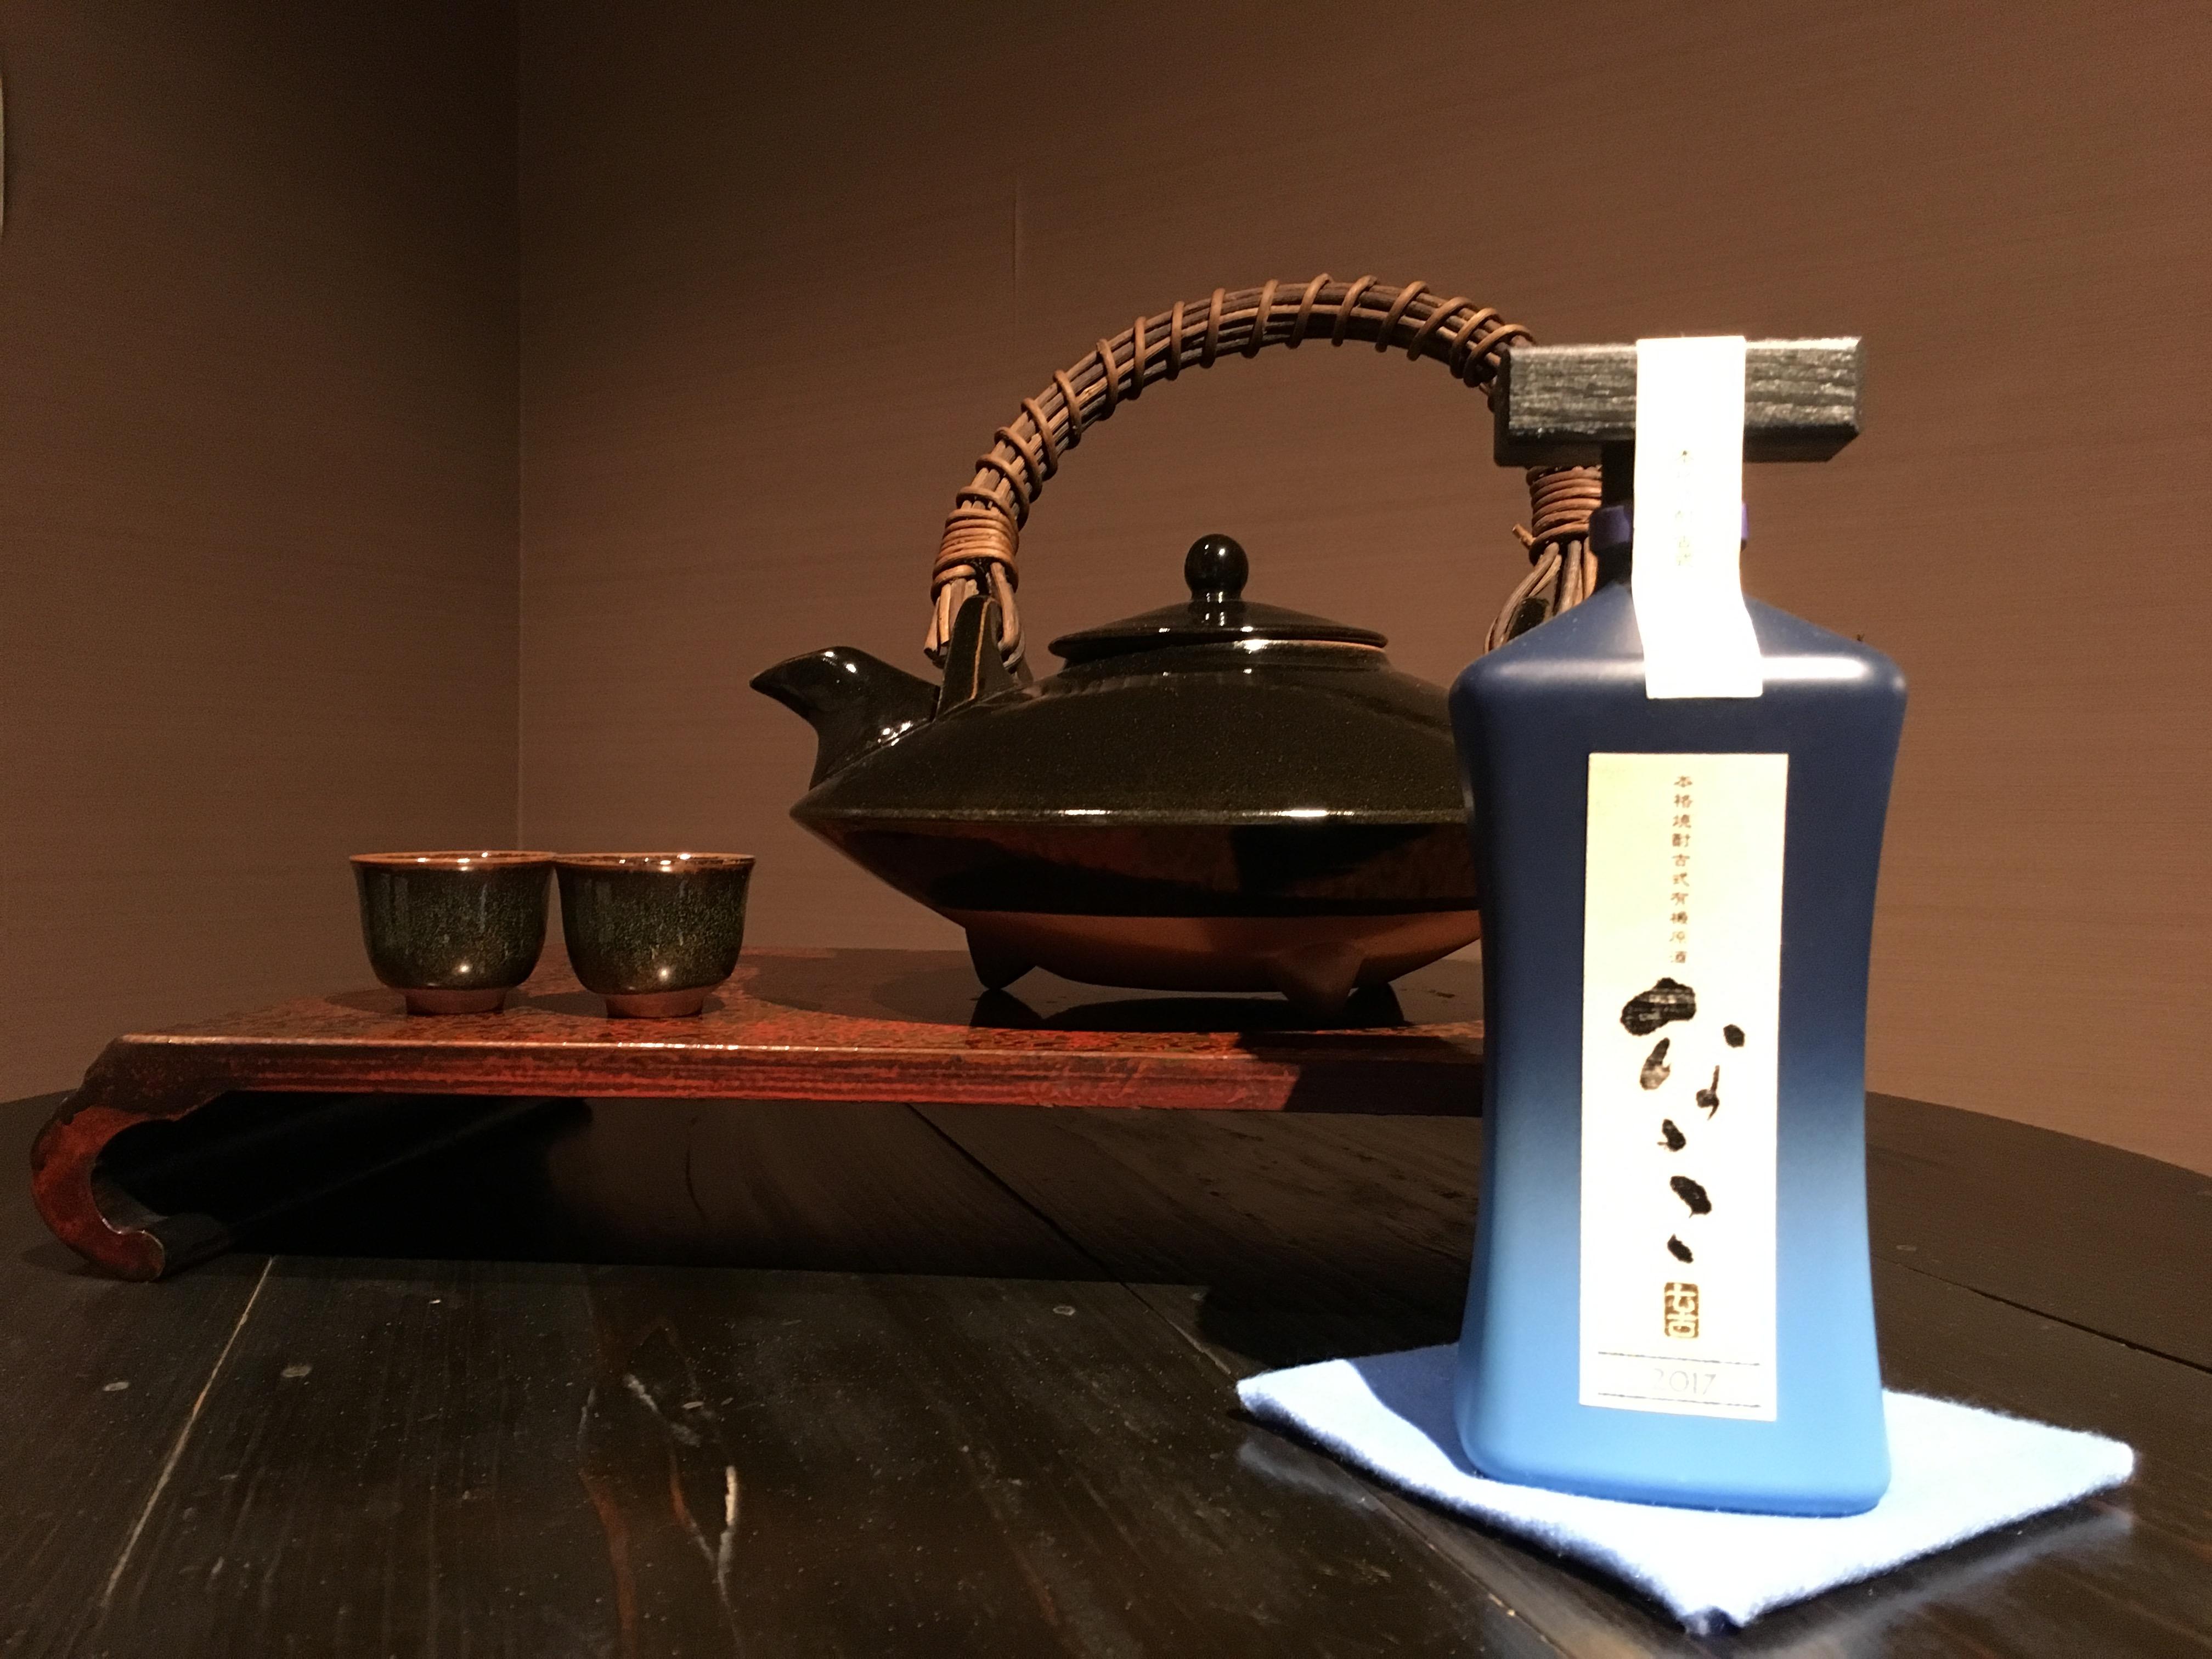 日本人の美しい心を受け継ぐ焼酎とは...